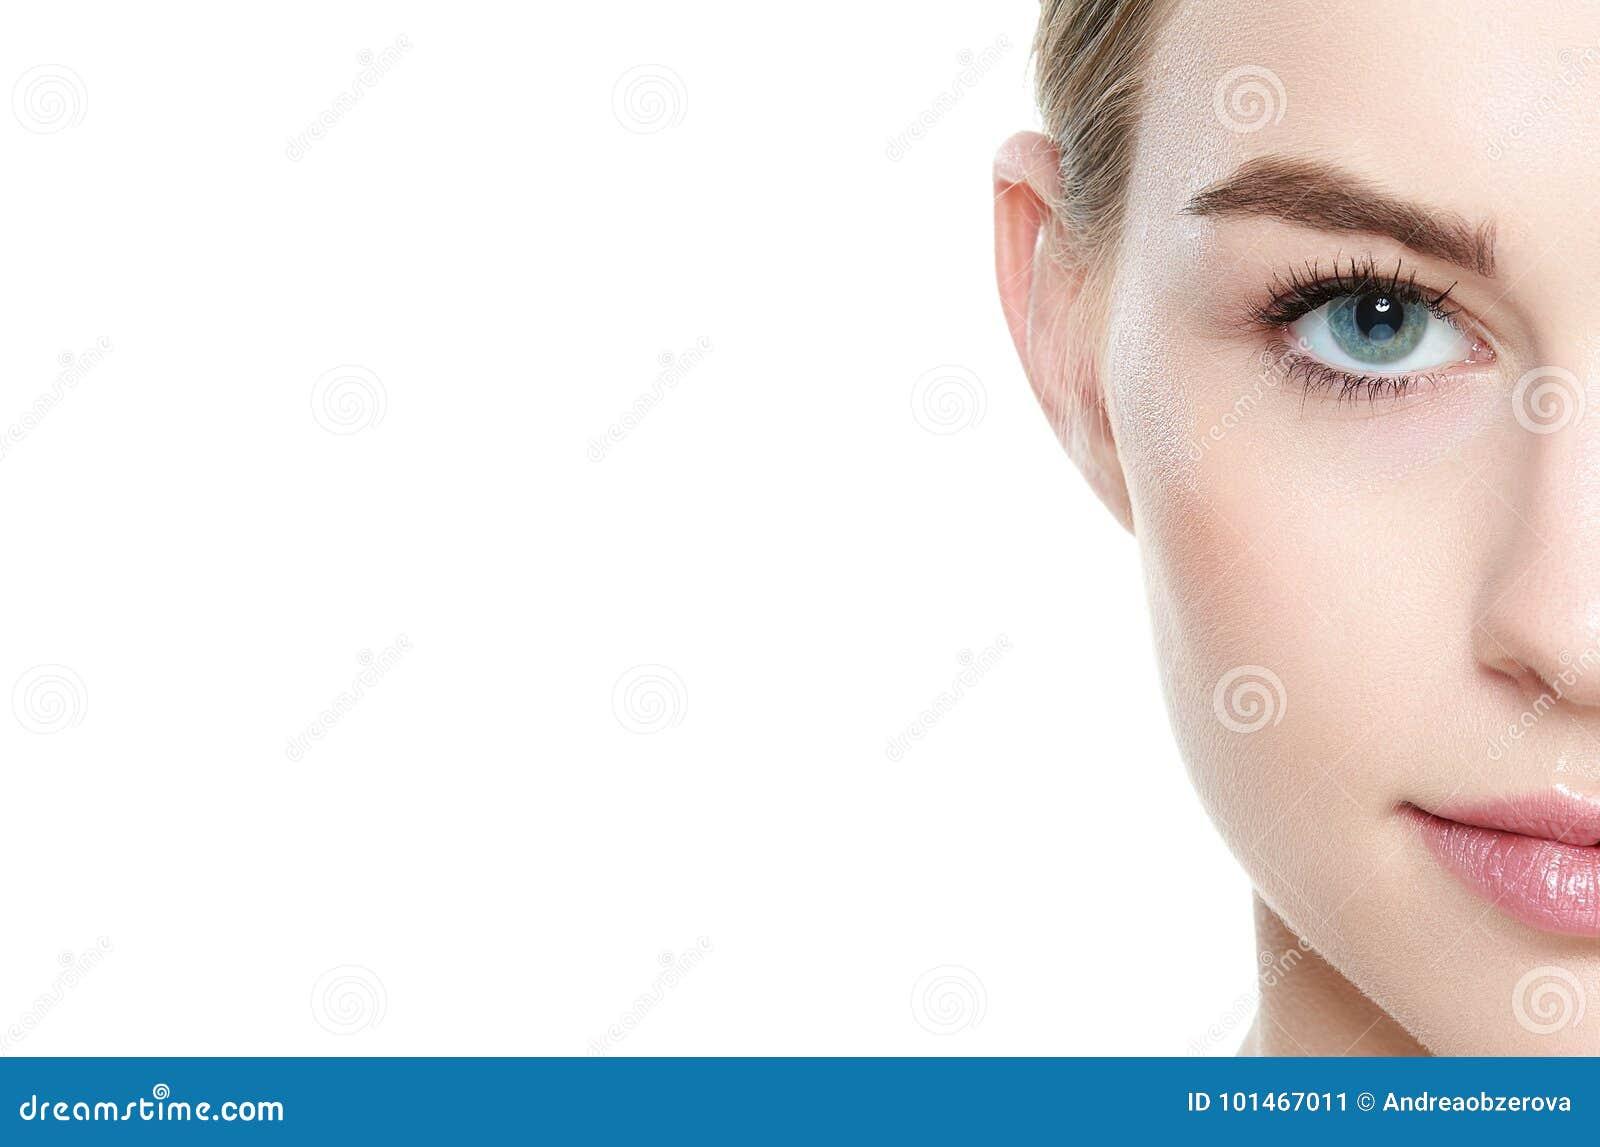 Mooi meisje met blauwe ogen en blond haar, met naakte schouders, die camera het glimlachen bekijken Model met lichte naakte samen